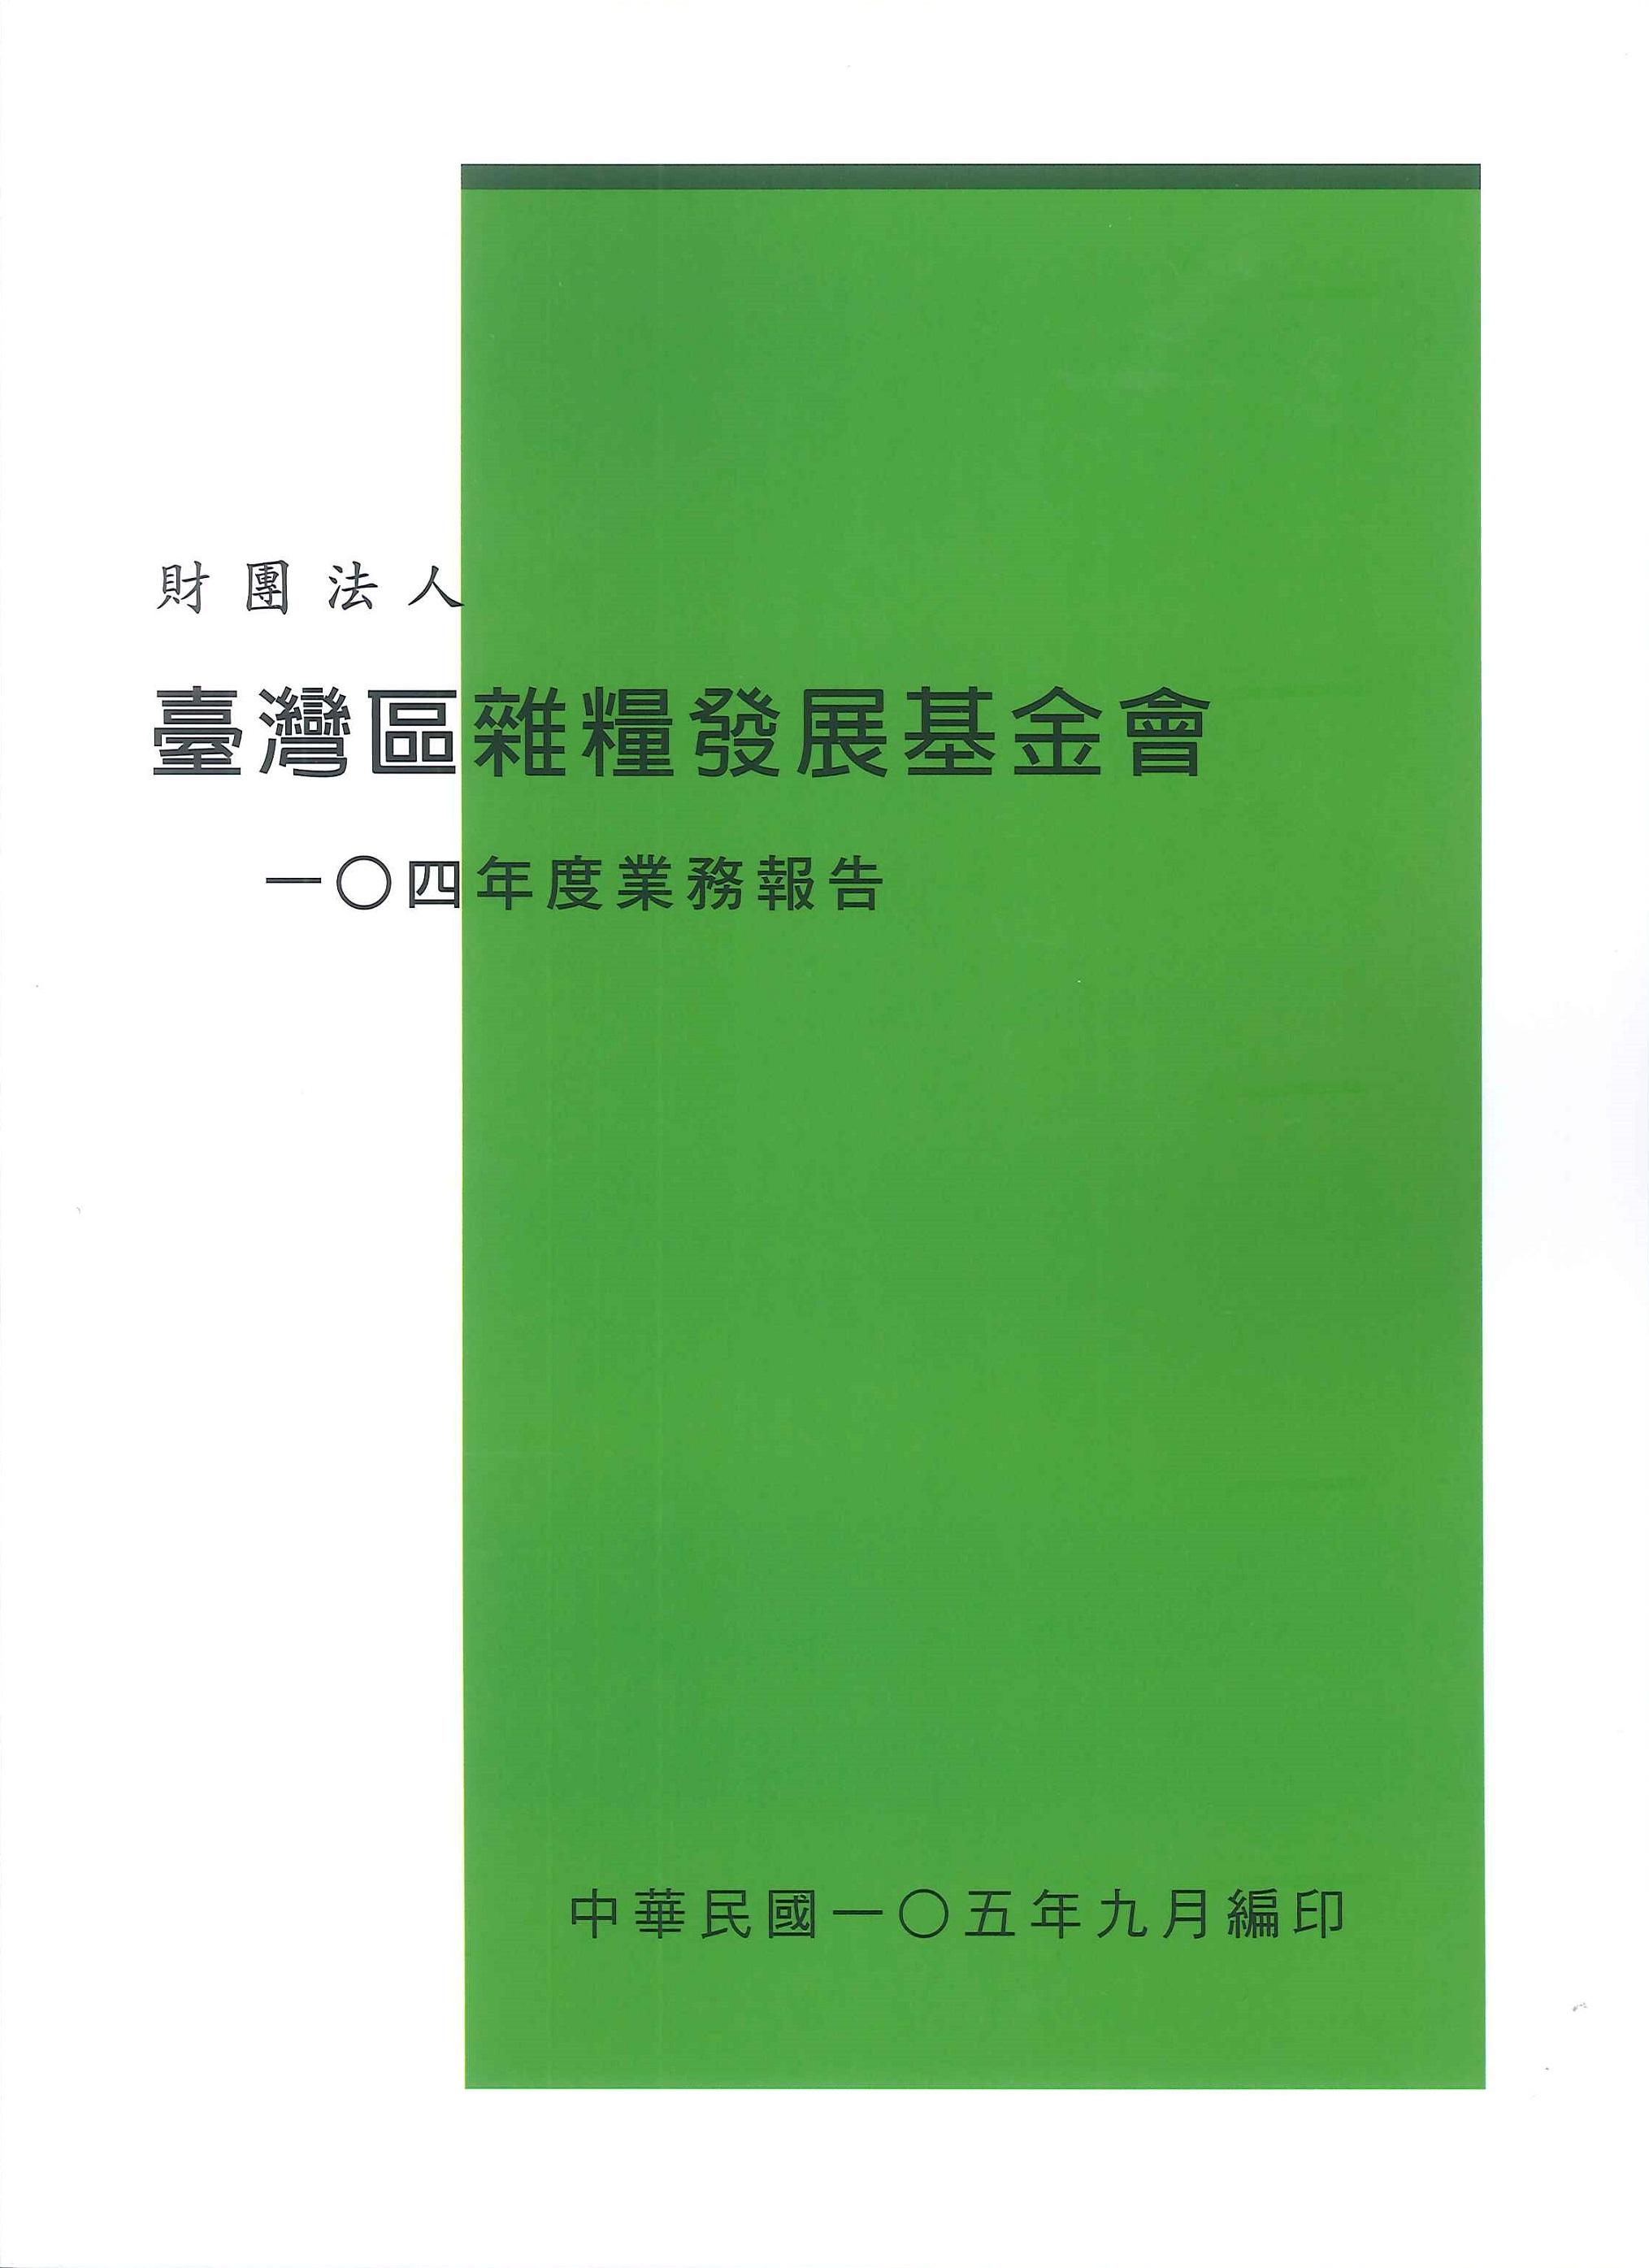 臺灣區雜糧發展基金會...年度業務報告